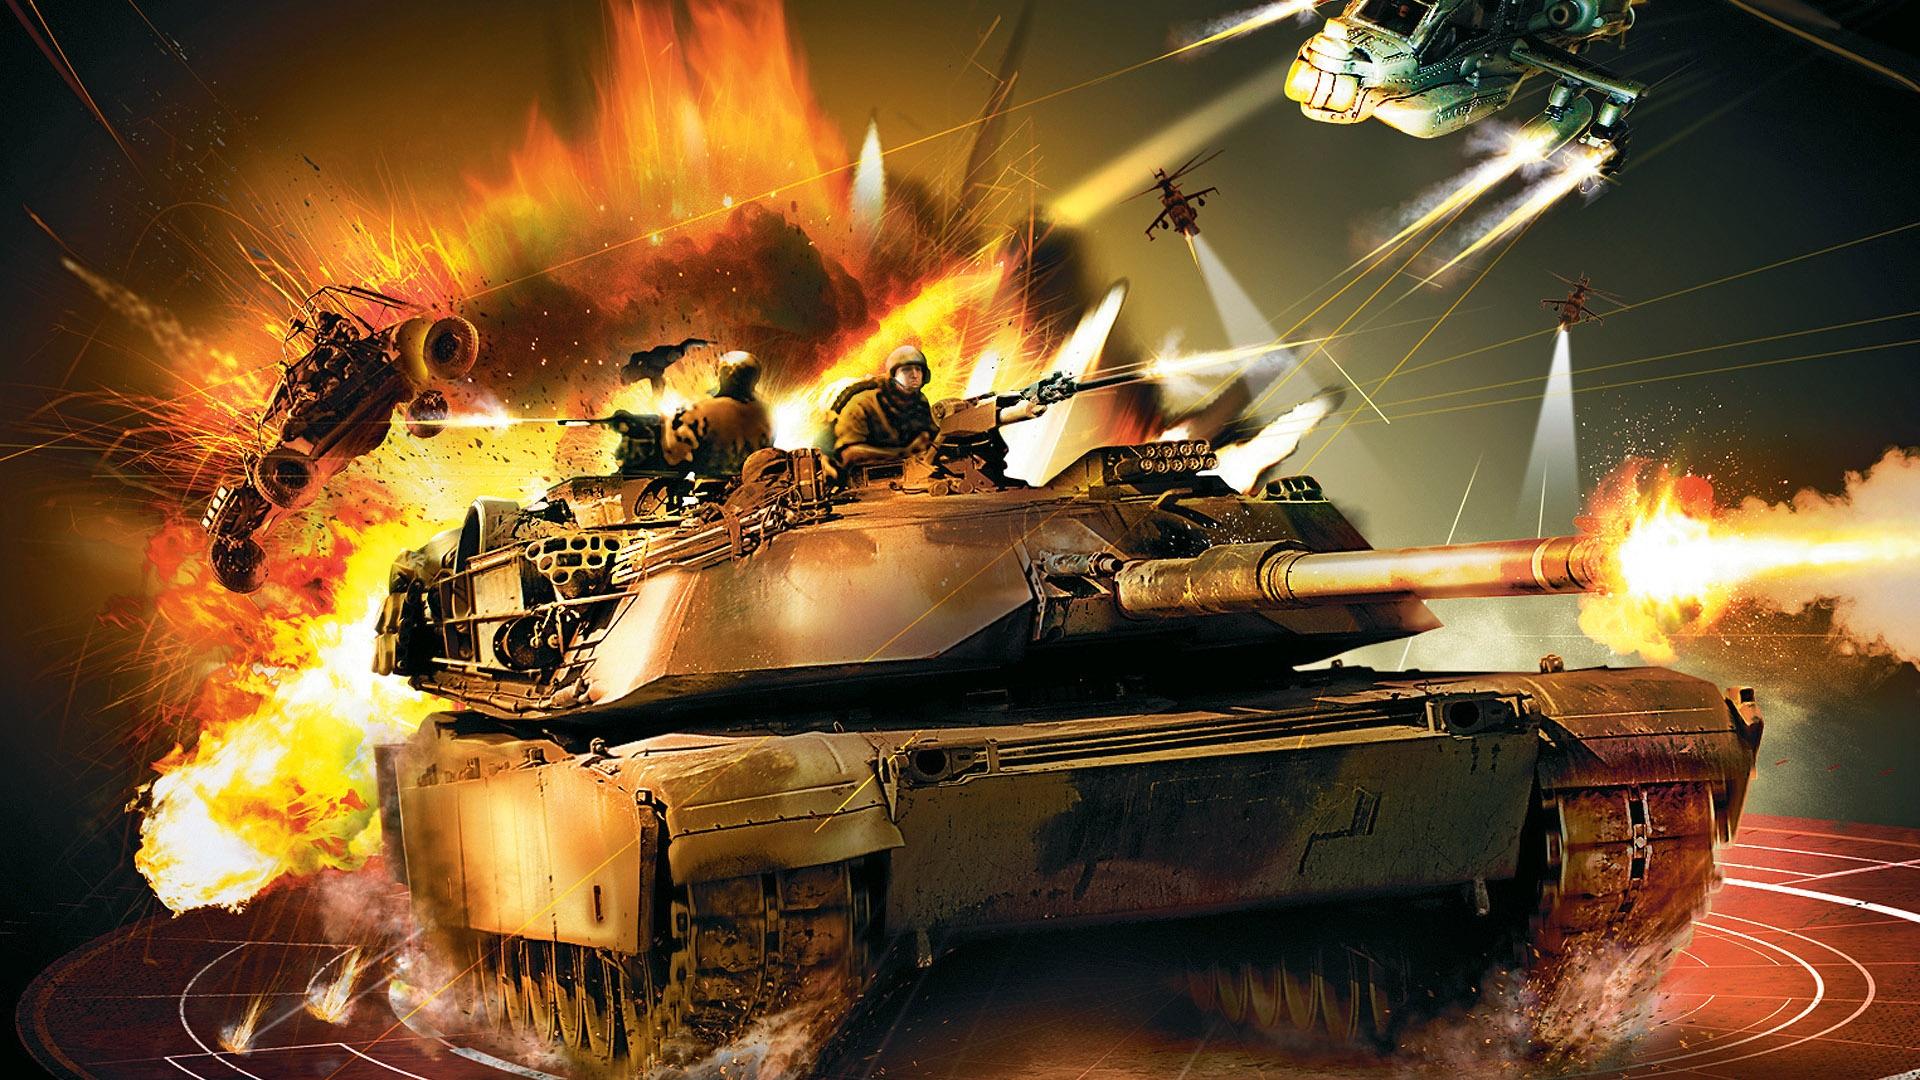 обои для рабочего стола, танк в бою, скачать фото